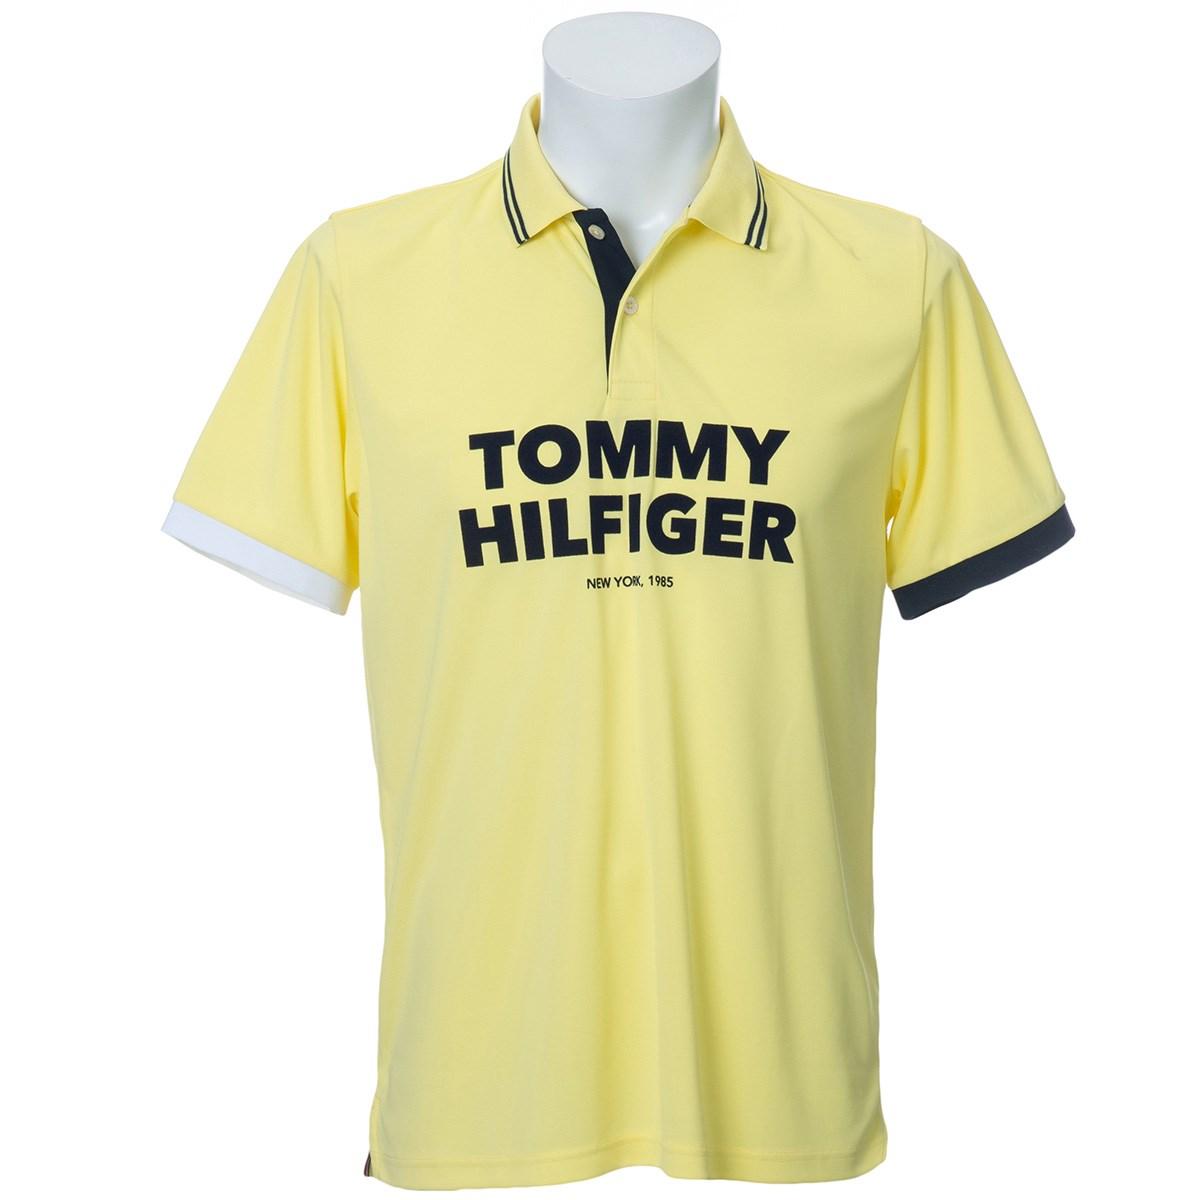 トミーヒルフィガー(Tommy Hilfiger) TH ロゴ 半袖ポロシャツ